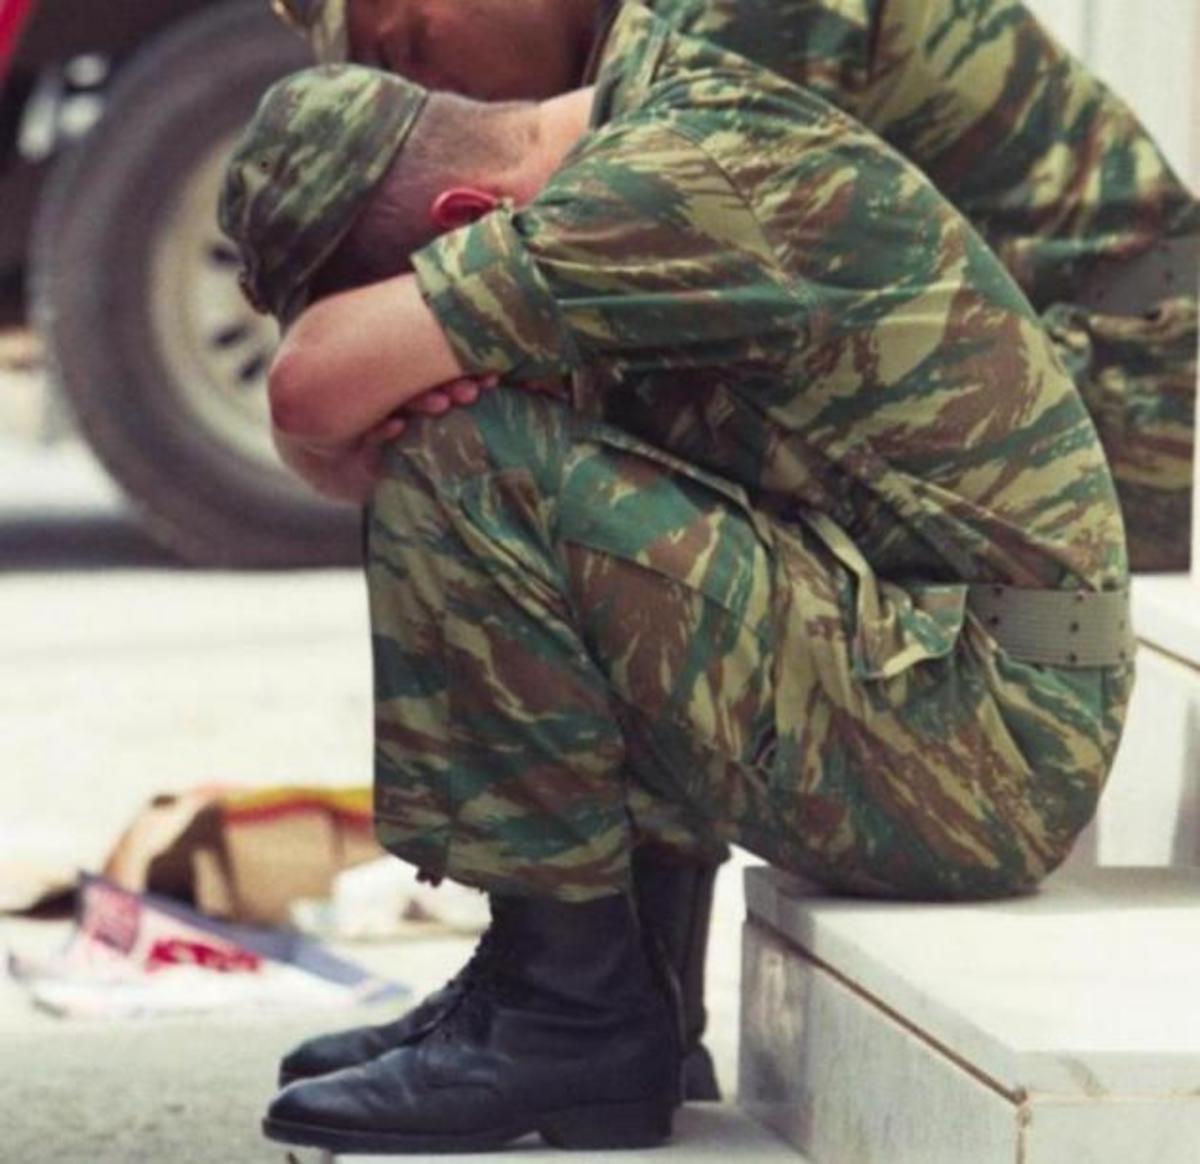 Άδειες στον στρατό ,μόνο για τους «έχοντες»! Τέλος στις δωρεάν μετακινήσεις στρατιωτών!   Newsit.gr